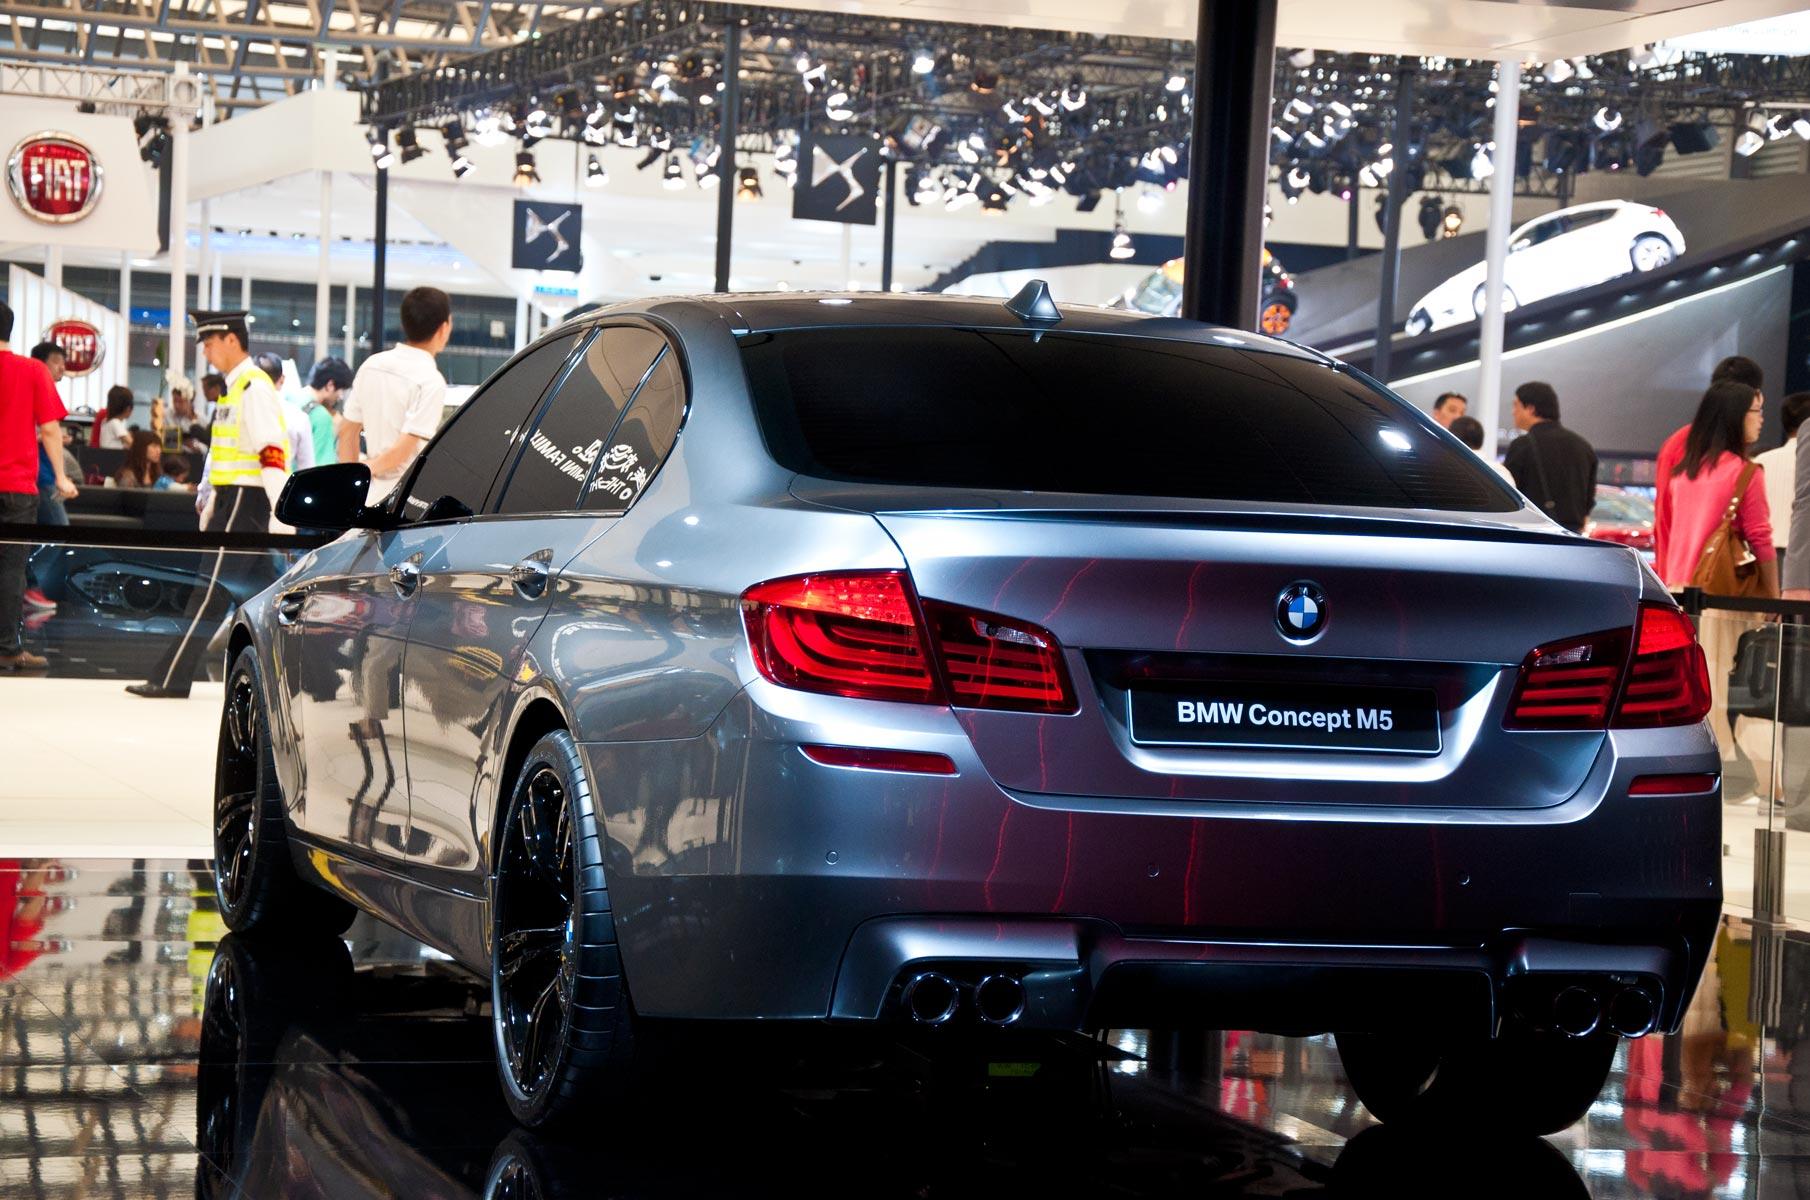 BMW Concept M5 Konzeptwagen auf der Auto Shanghai 2011 in China